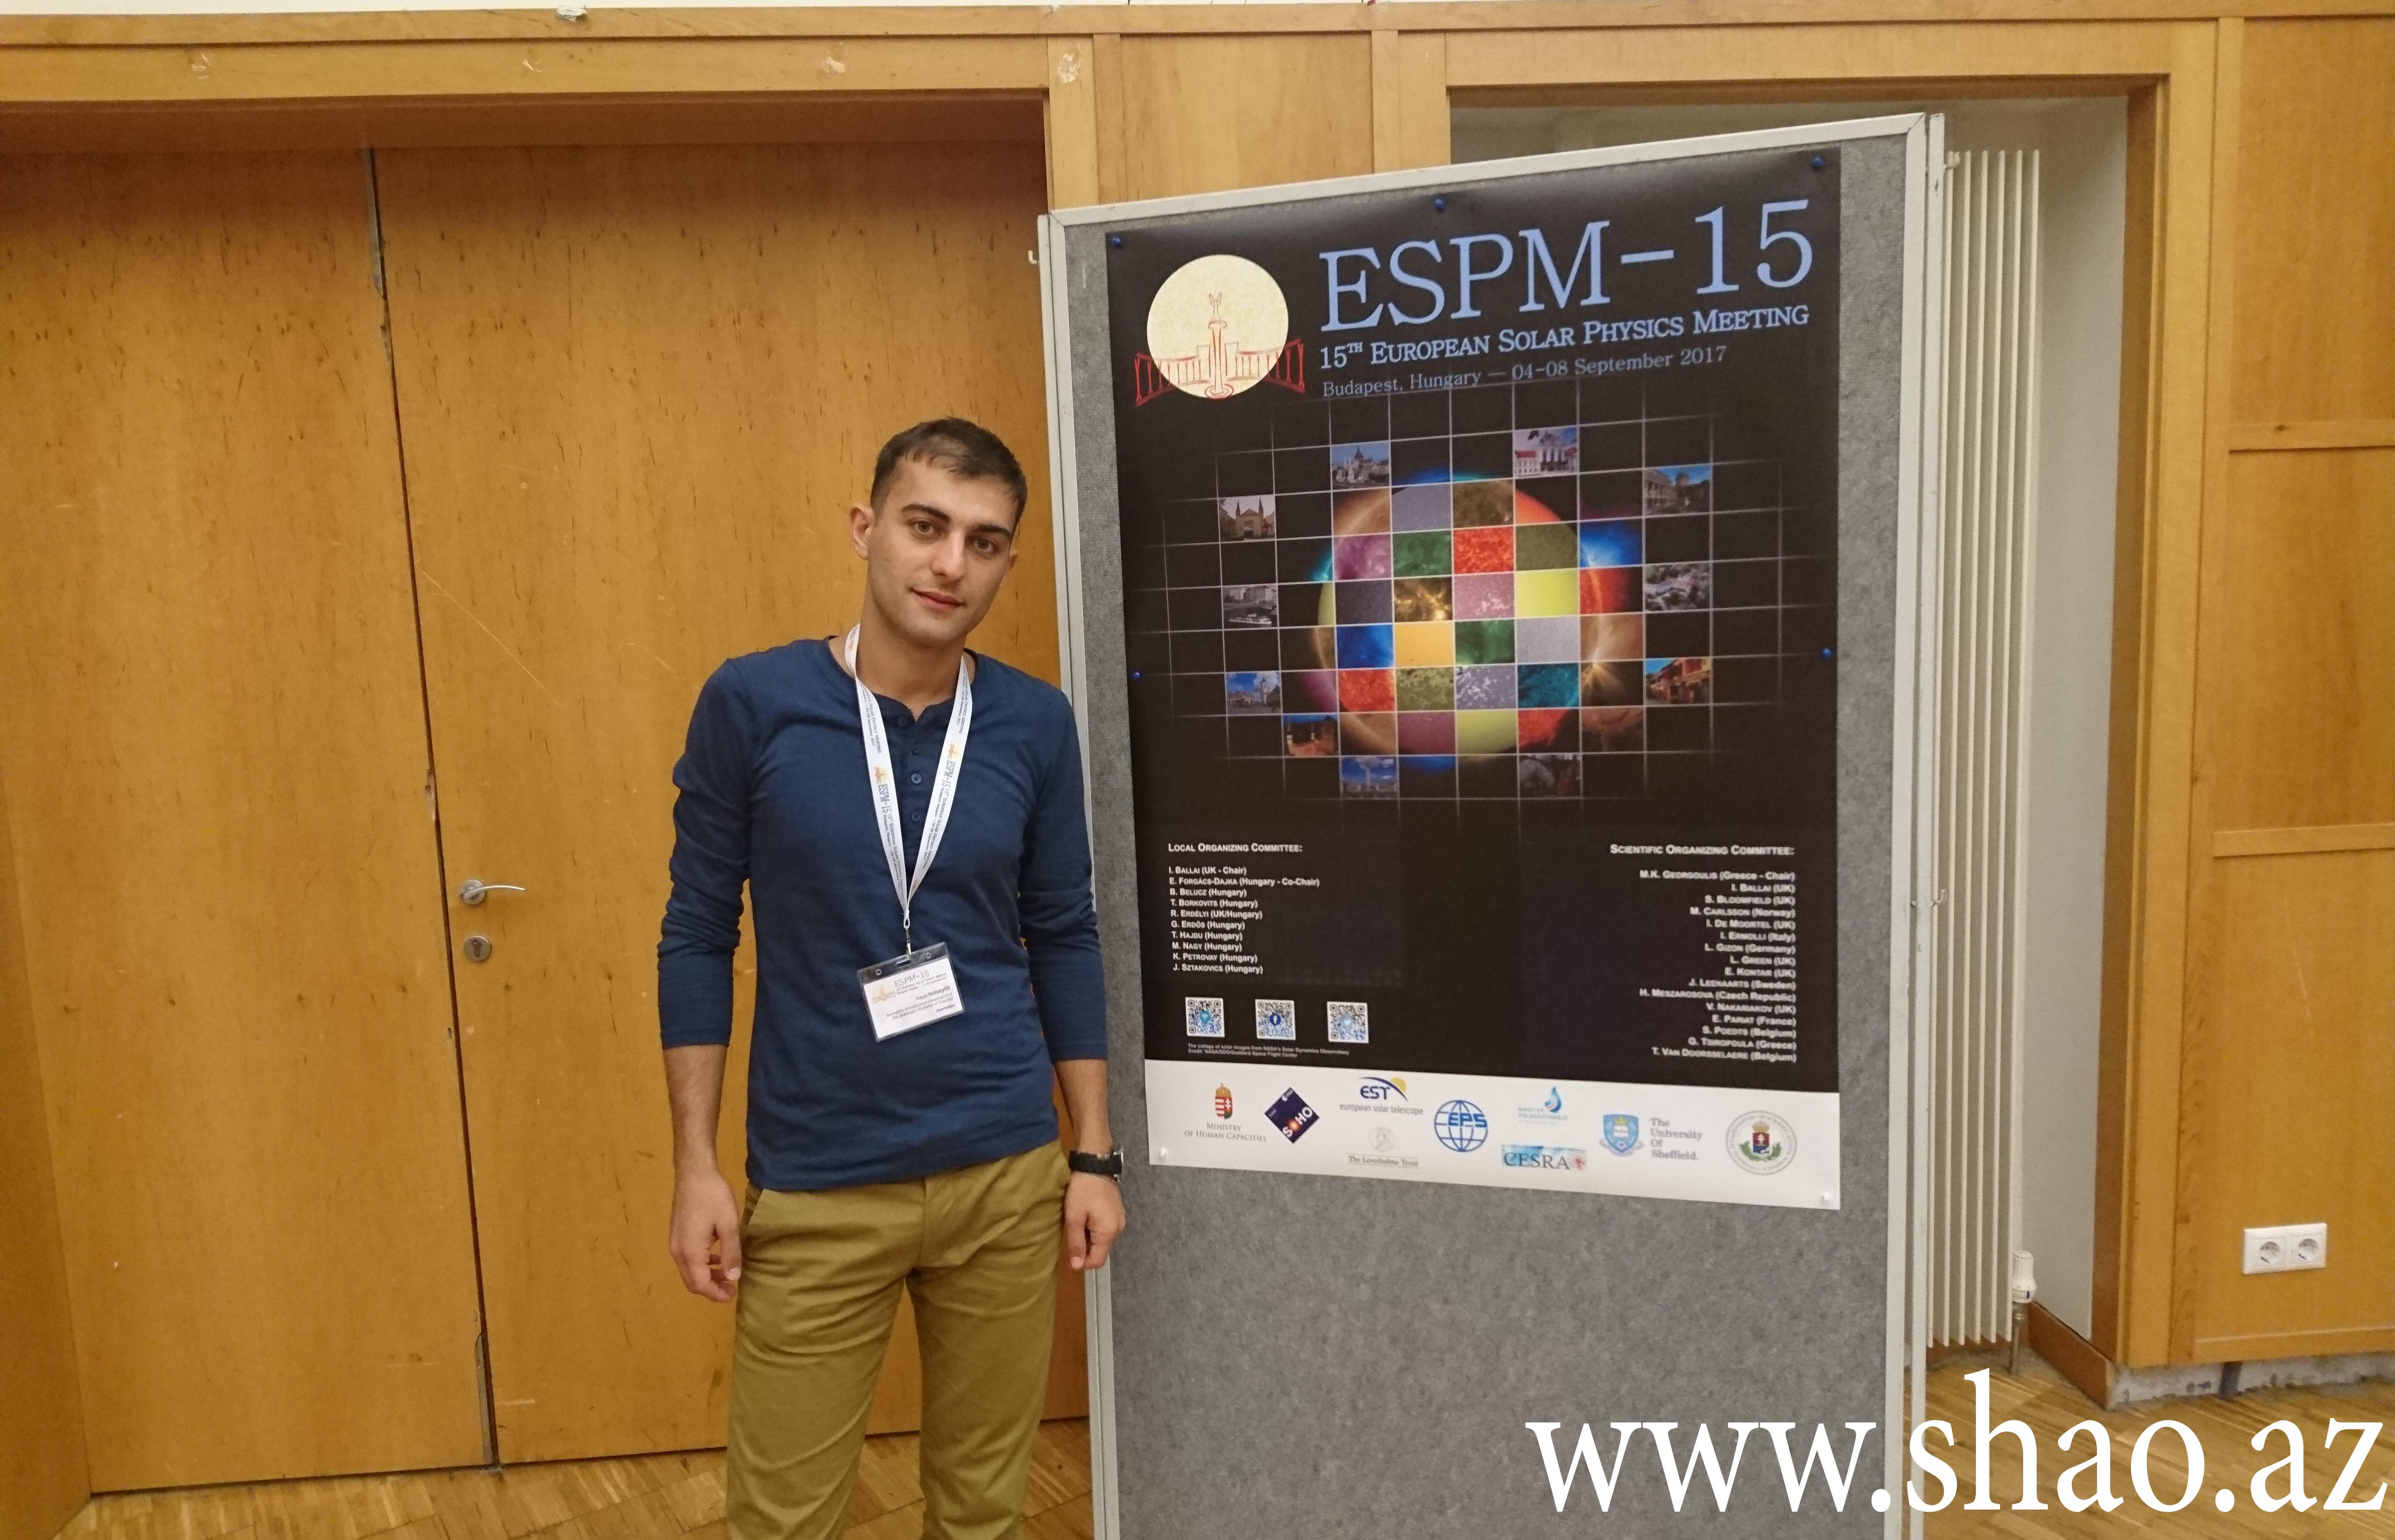 Şamaxı Astrofizika Rəsədxanasının əməkdaşı beynəlxalq konfransda iştirak edib